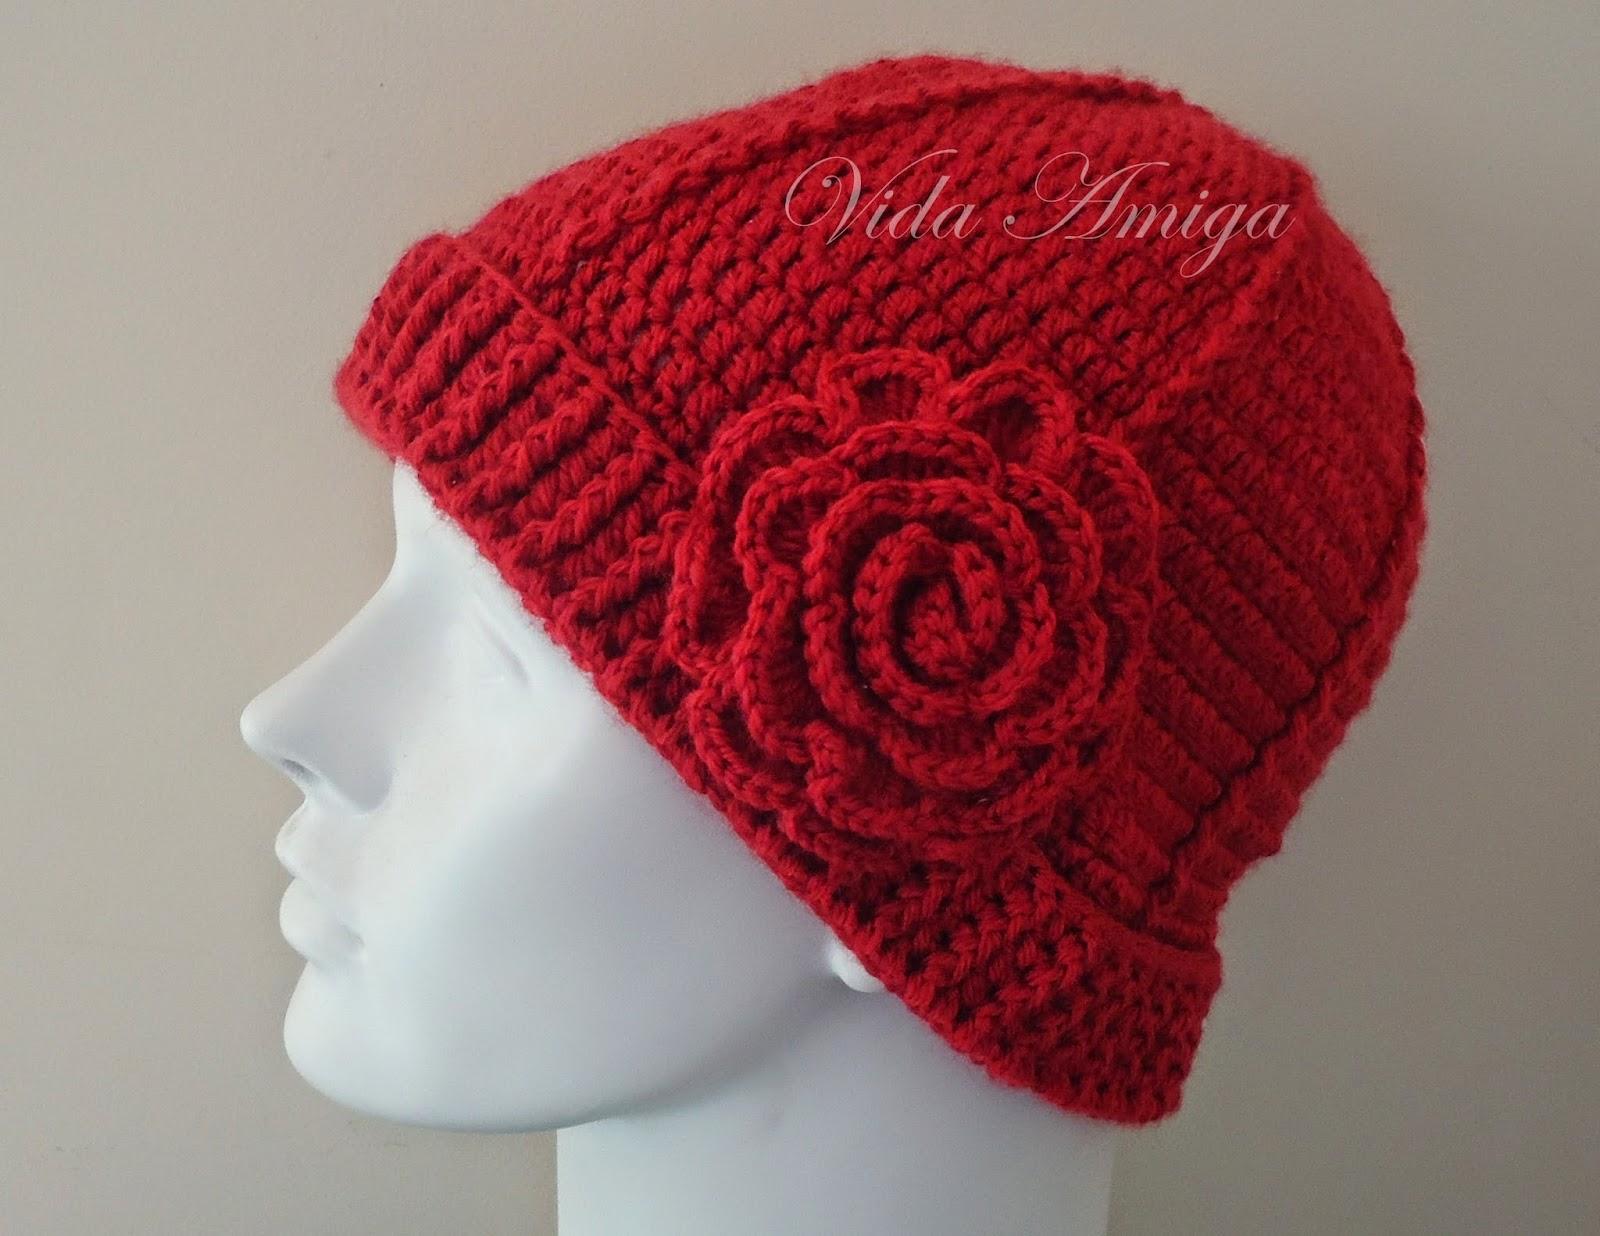 c3e78ac94f0cb Vida Amiga Presentes  Touca Crochê com Flor - Vermelho